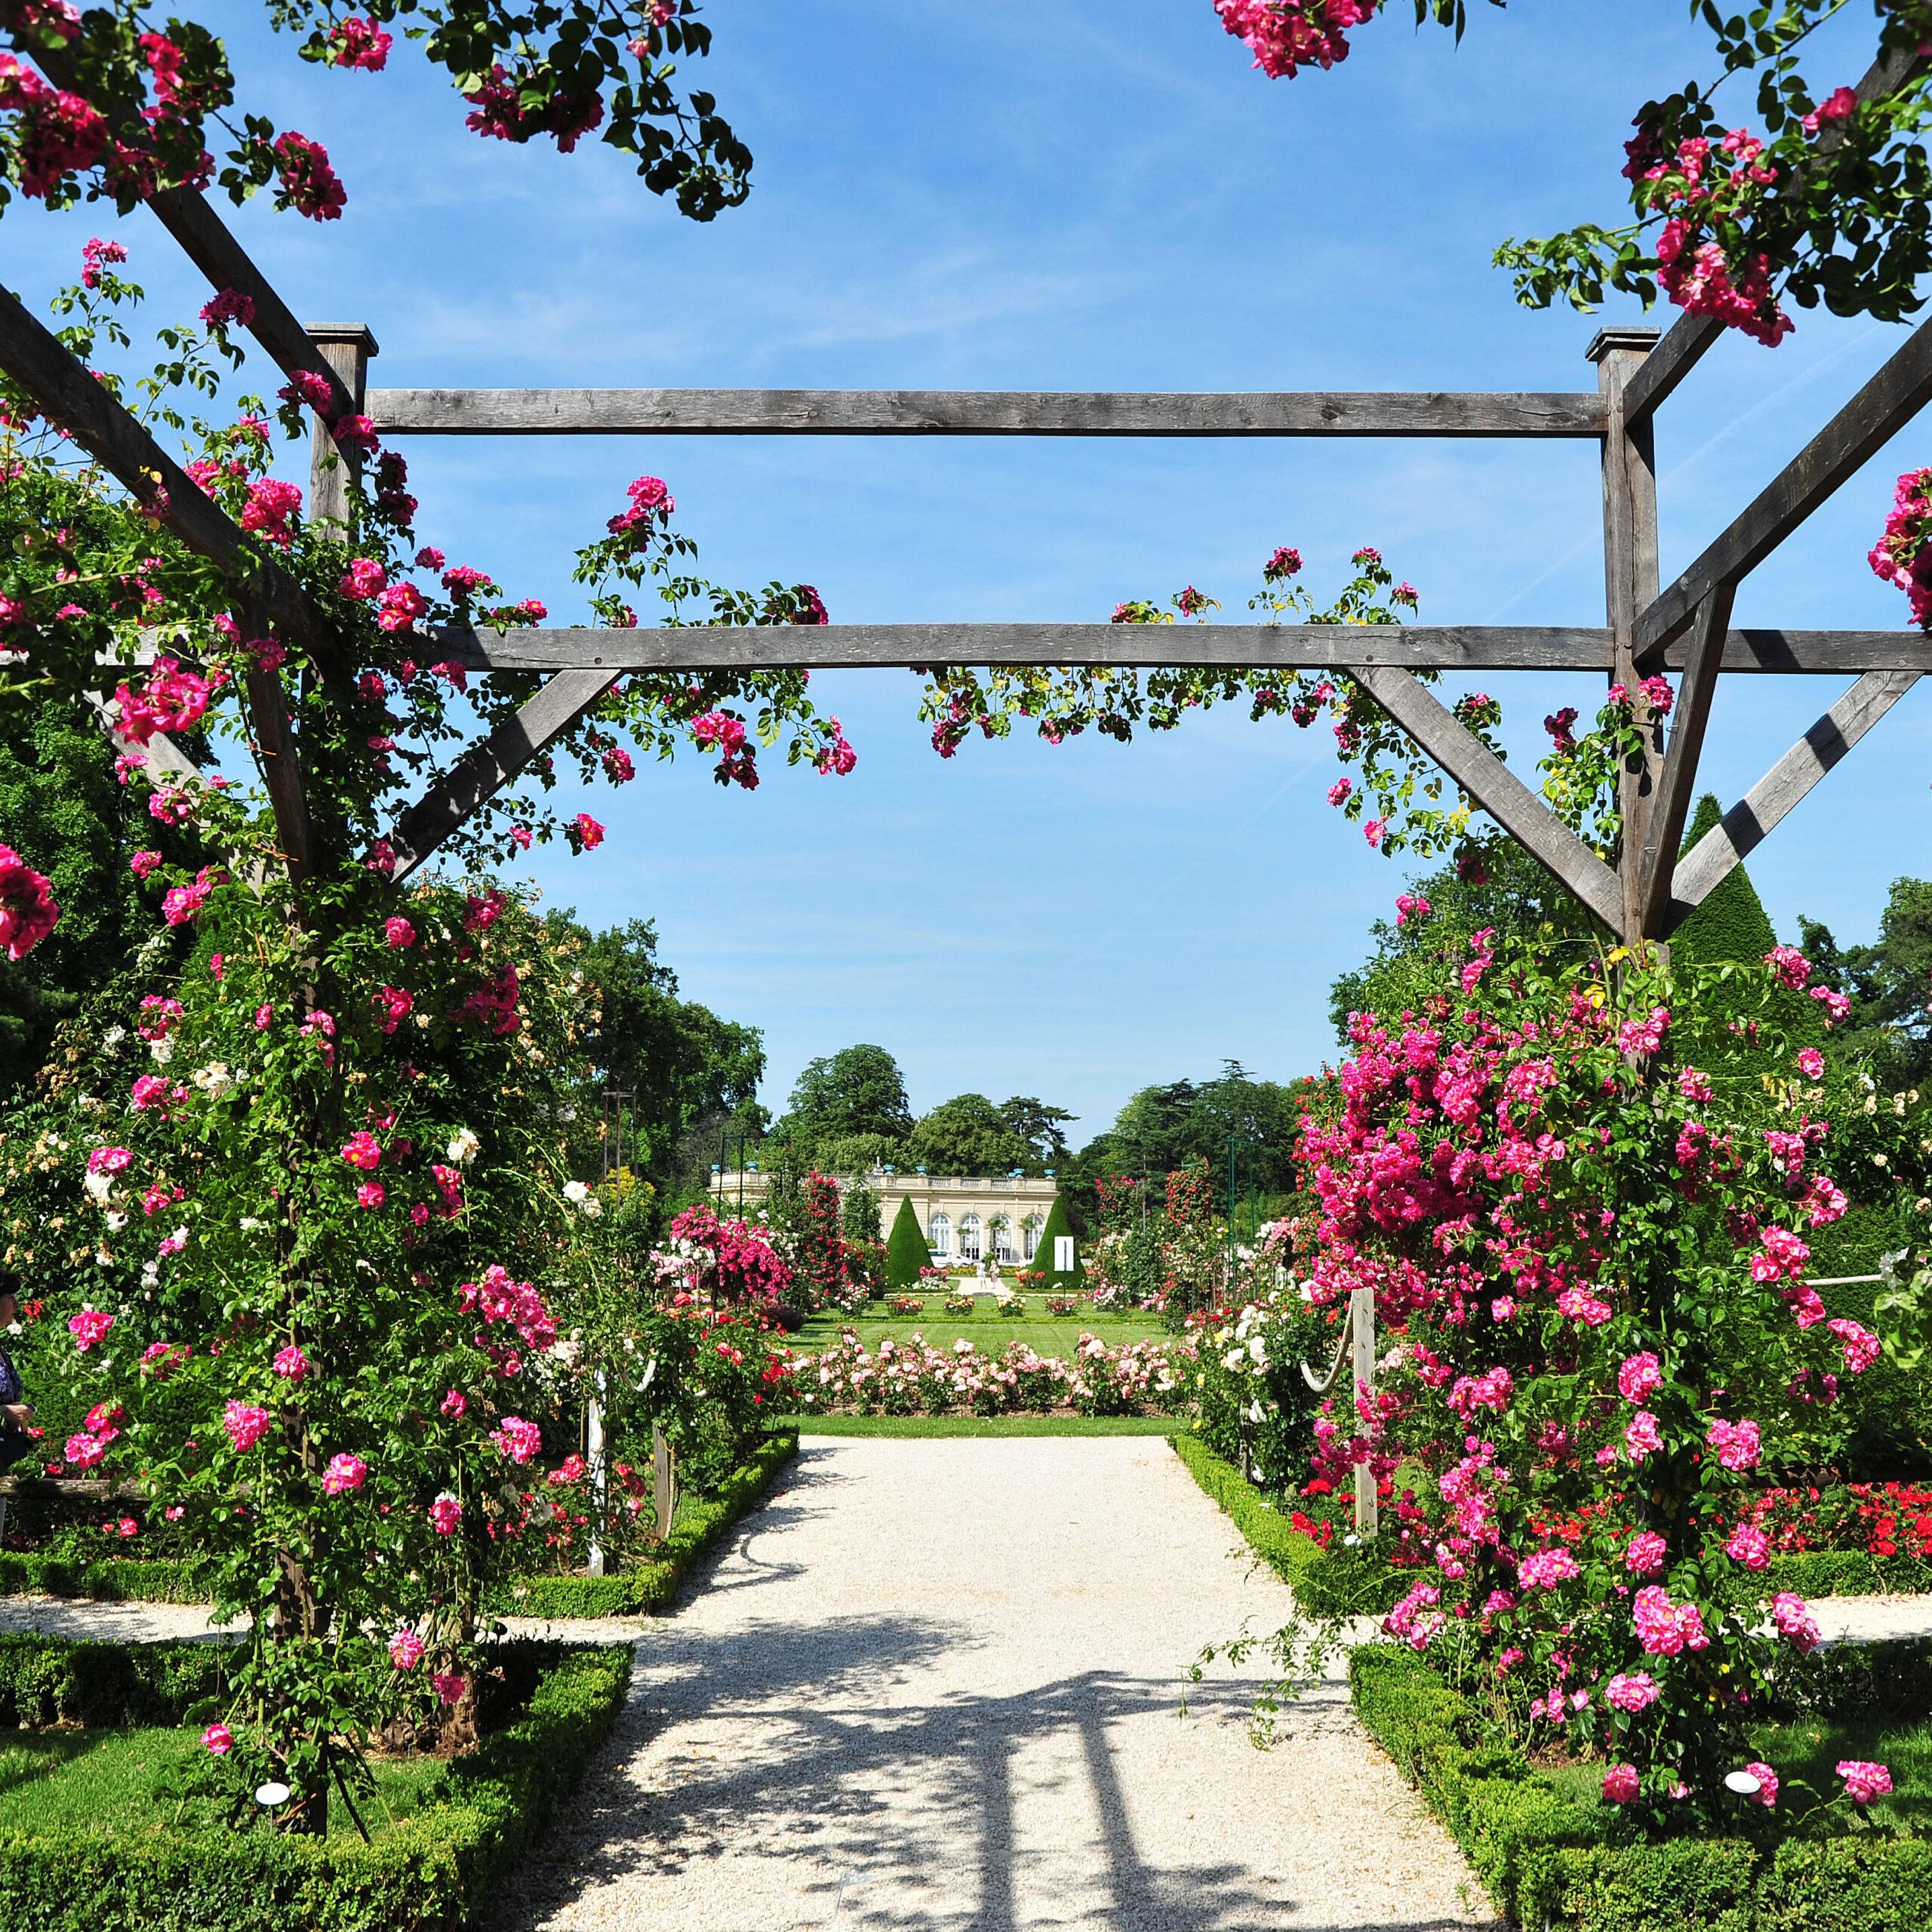 Bois de Boulogne, Parc de Bagatelle, rose garden and orangery. Bagatelle Parc, Paris, France.